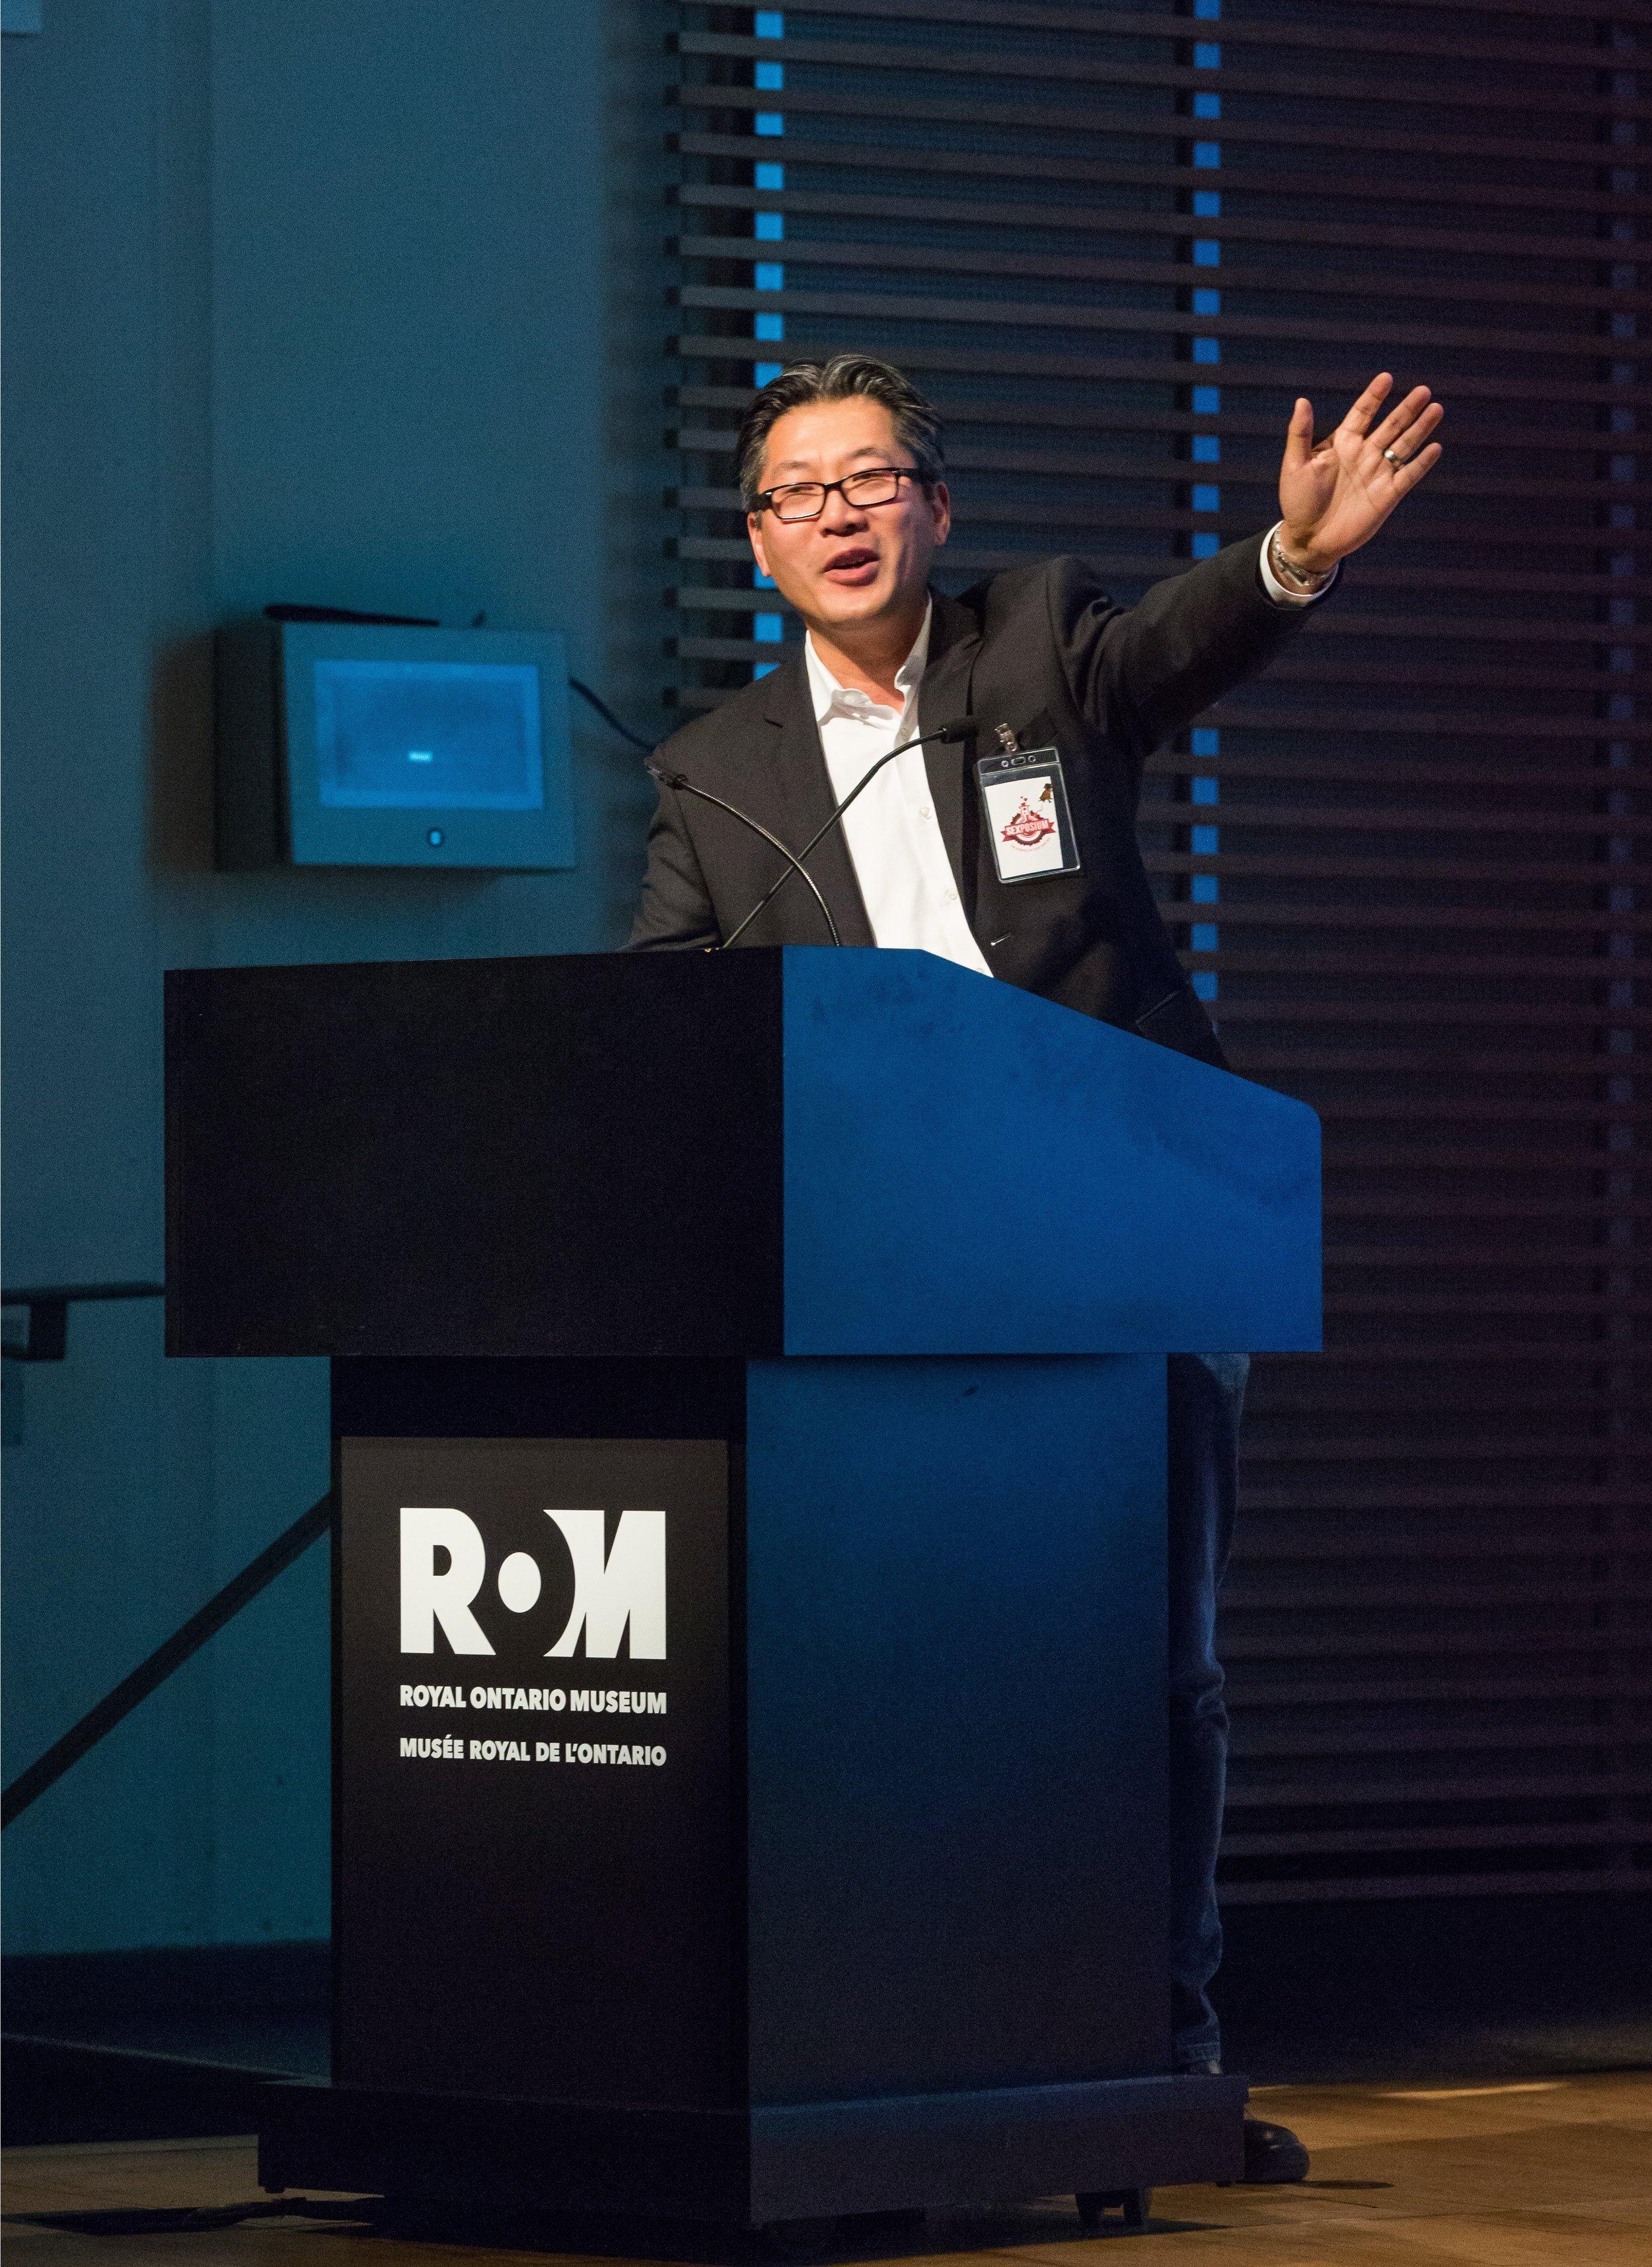 DrMichaelSeto-ROM-Exposium2018-0816.jpg